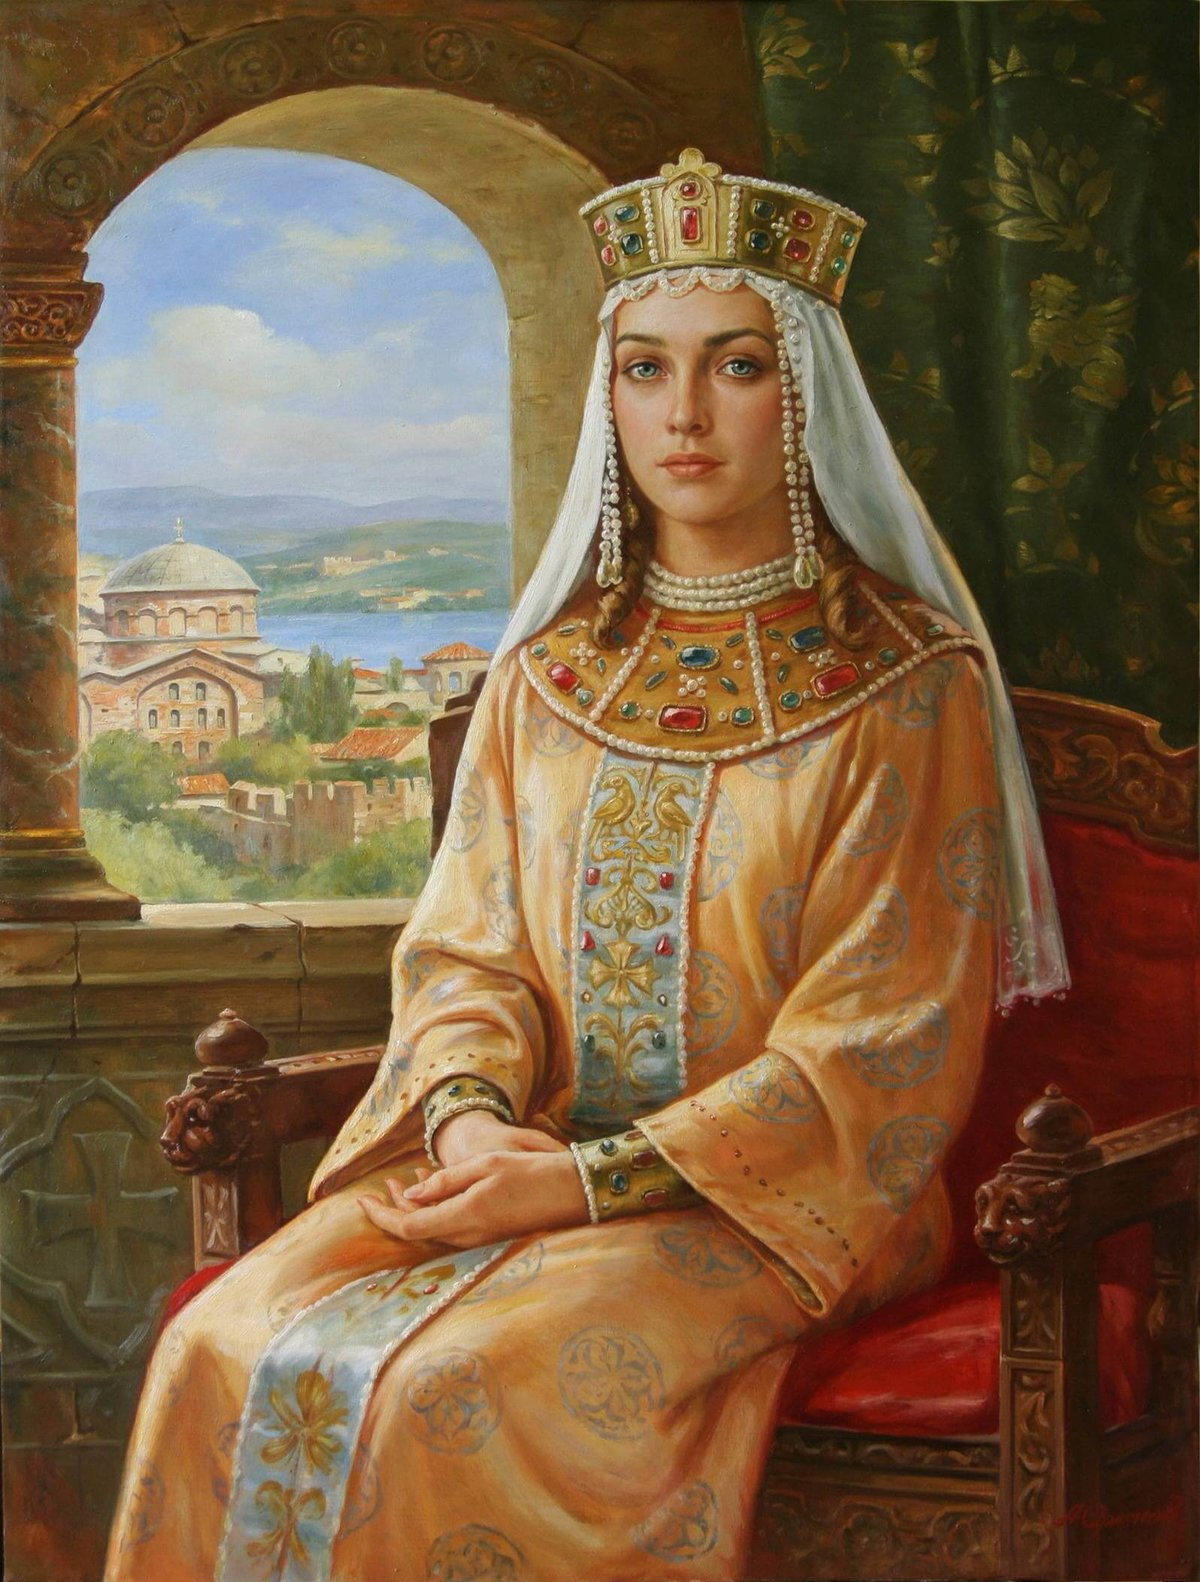 Княгиня картинки, брата февраля